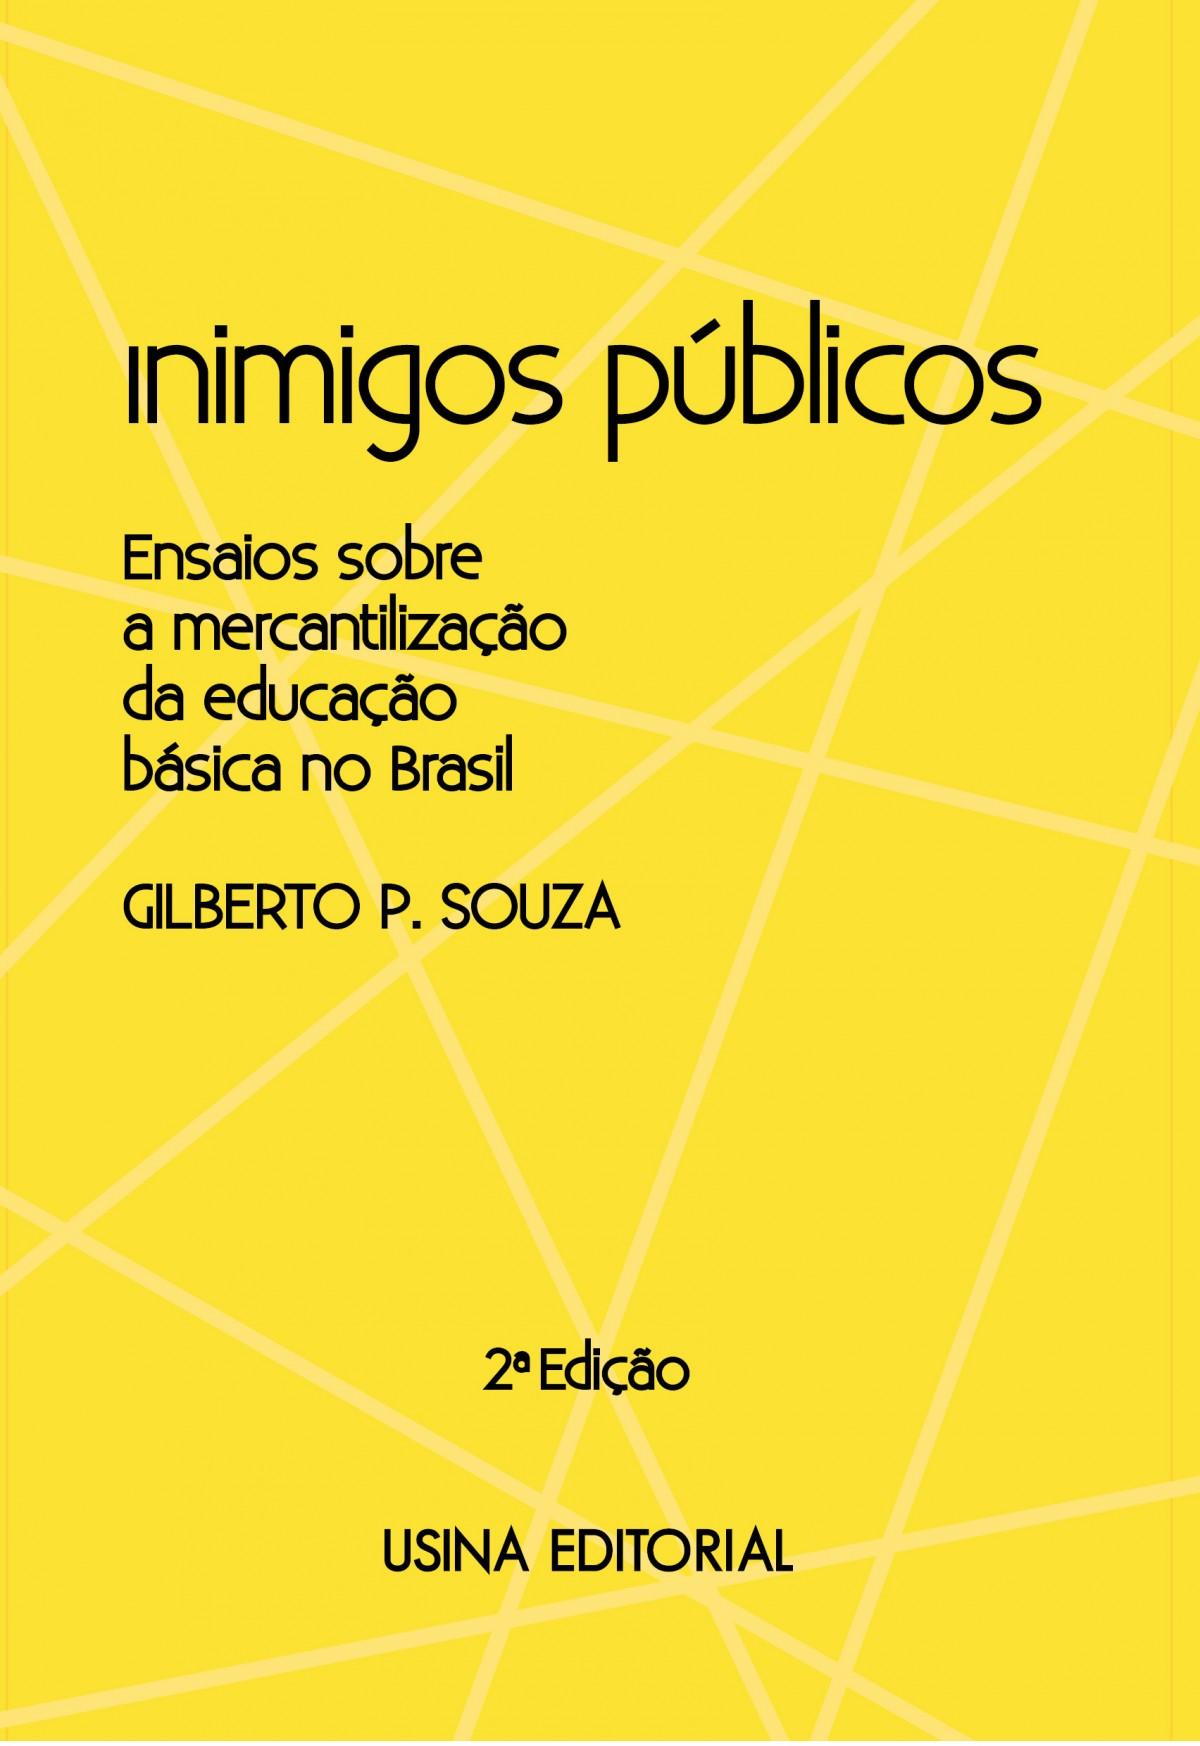 Foto 1 - Inimigos Públicos. Ensaios sobre a mercantilização da educação básica no Brasil